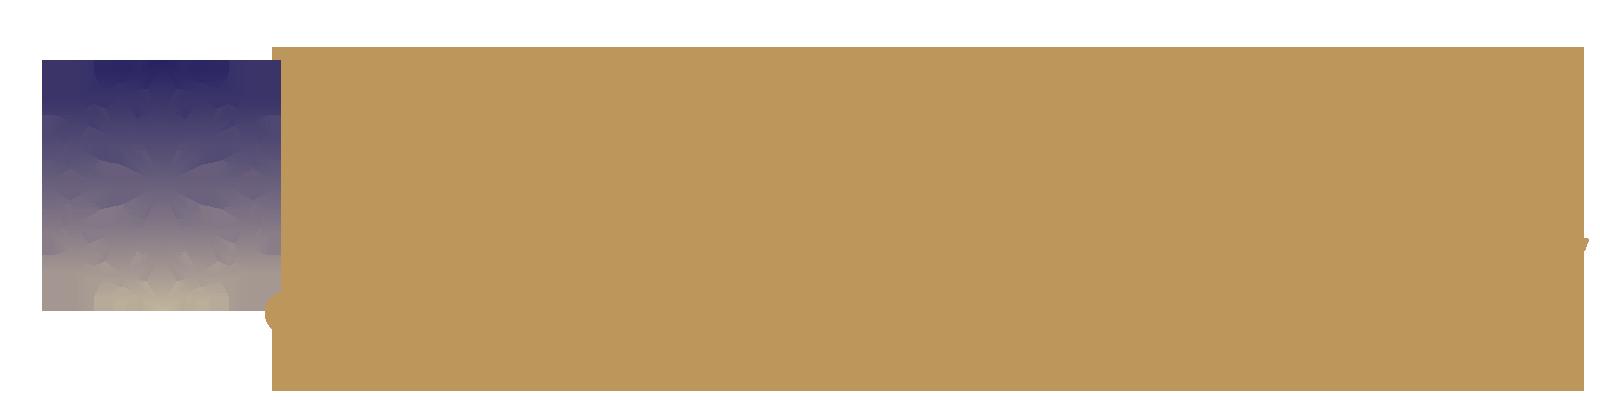 Soulguidance.net